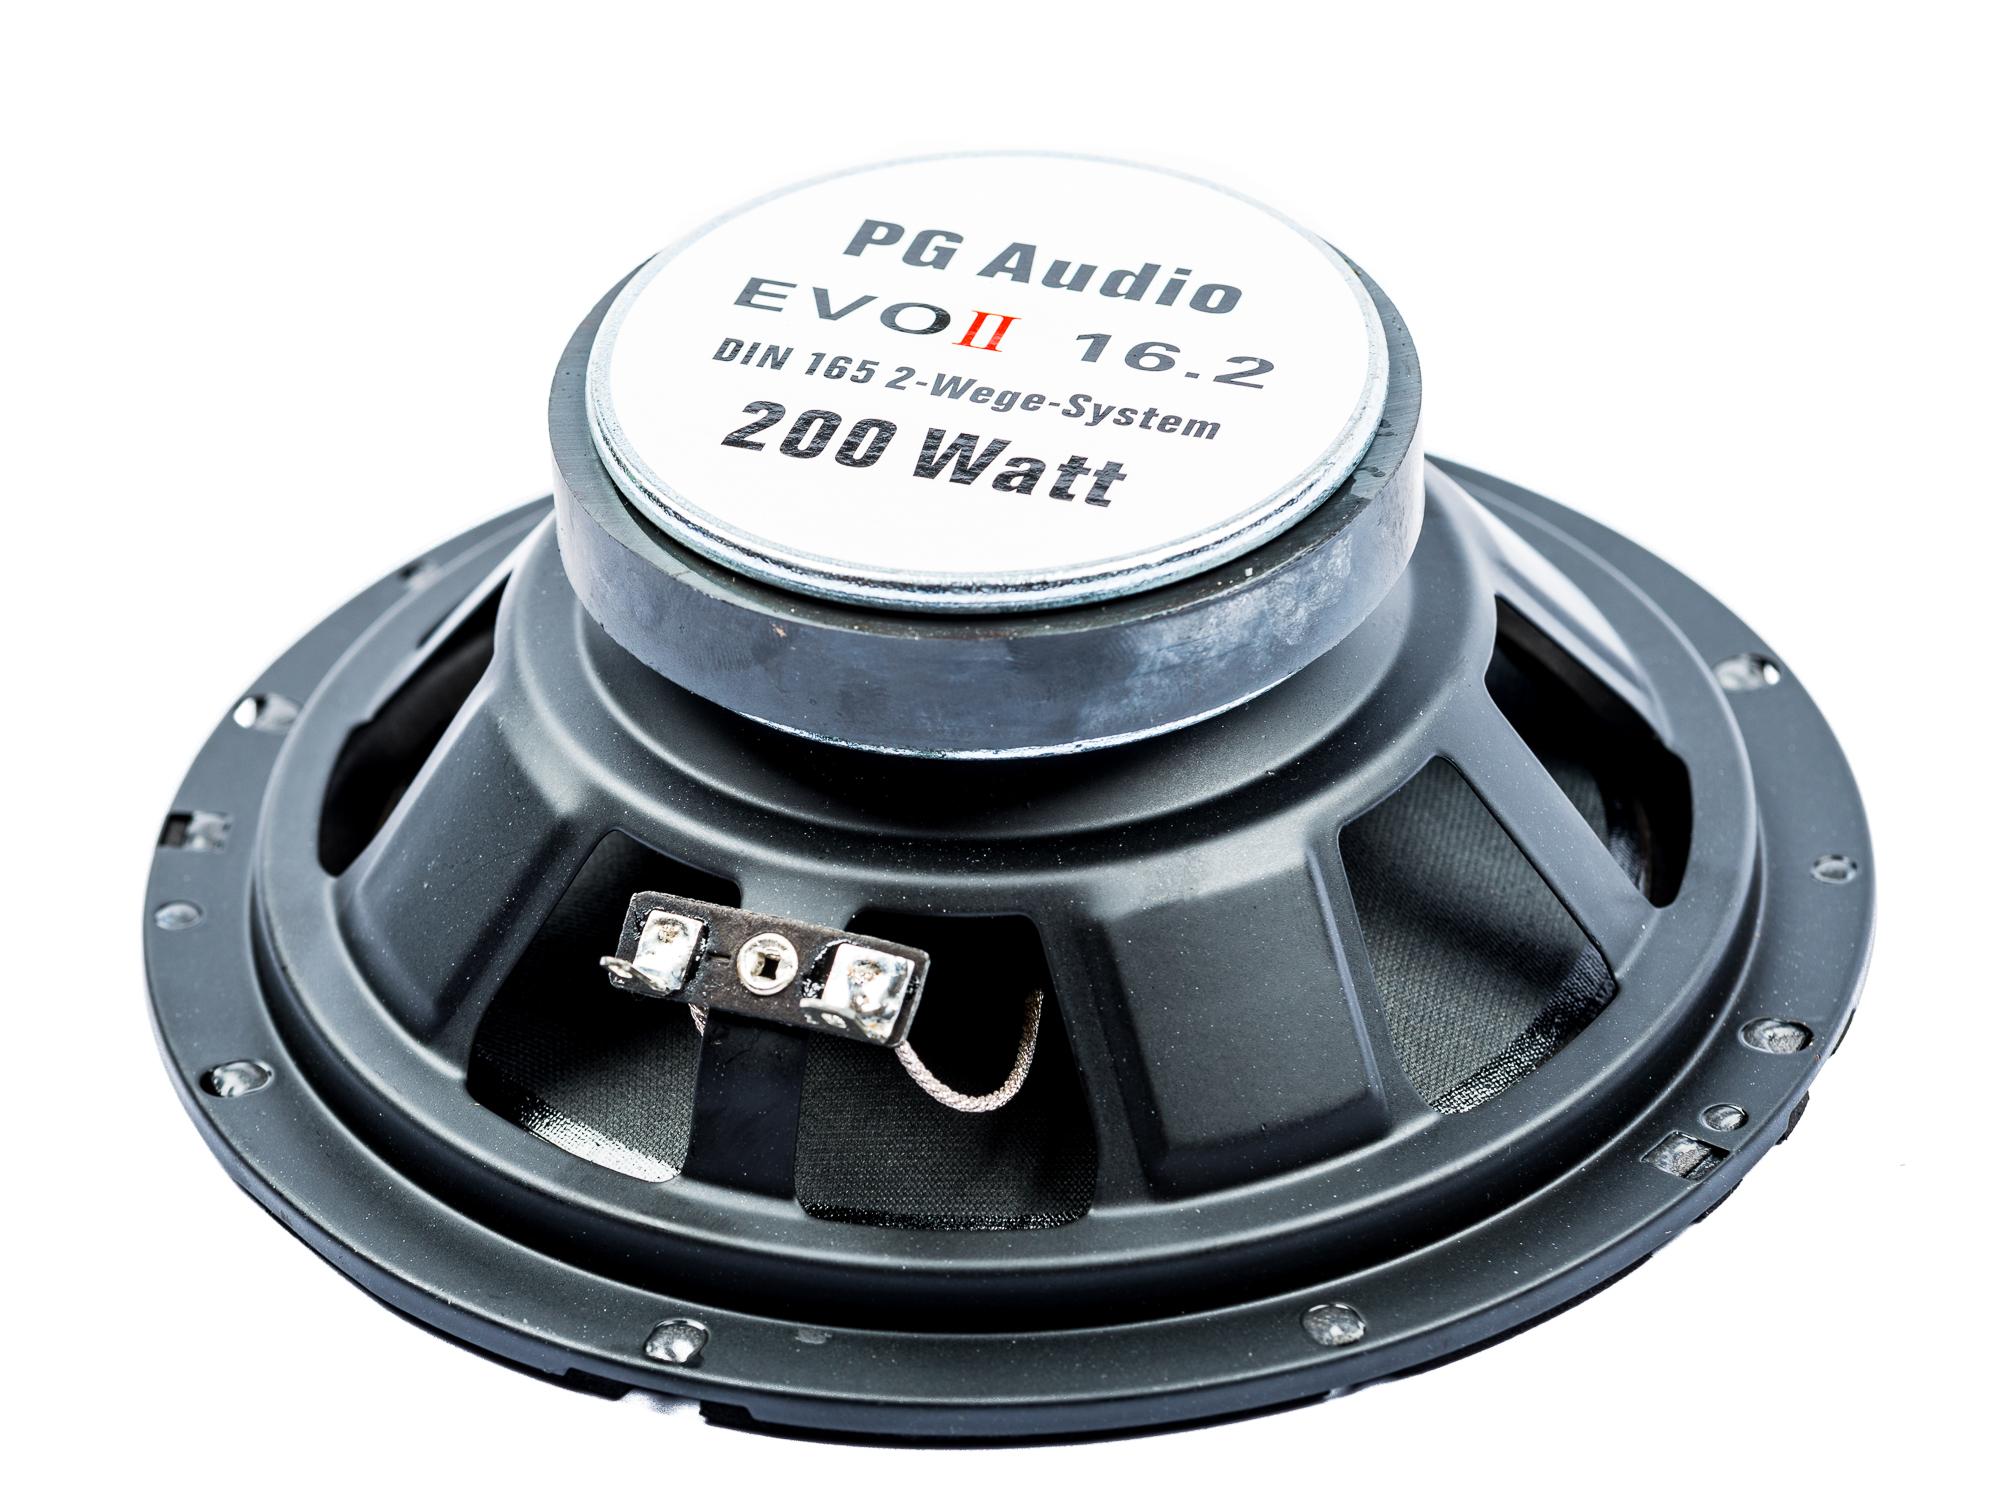 Fiat Stilo Lautsprecher Einbauset Tür vorne PG Audio – Bild 3